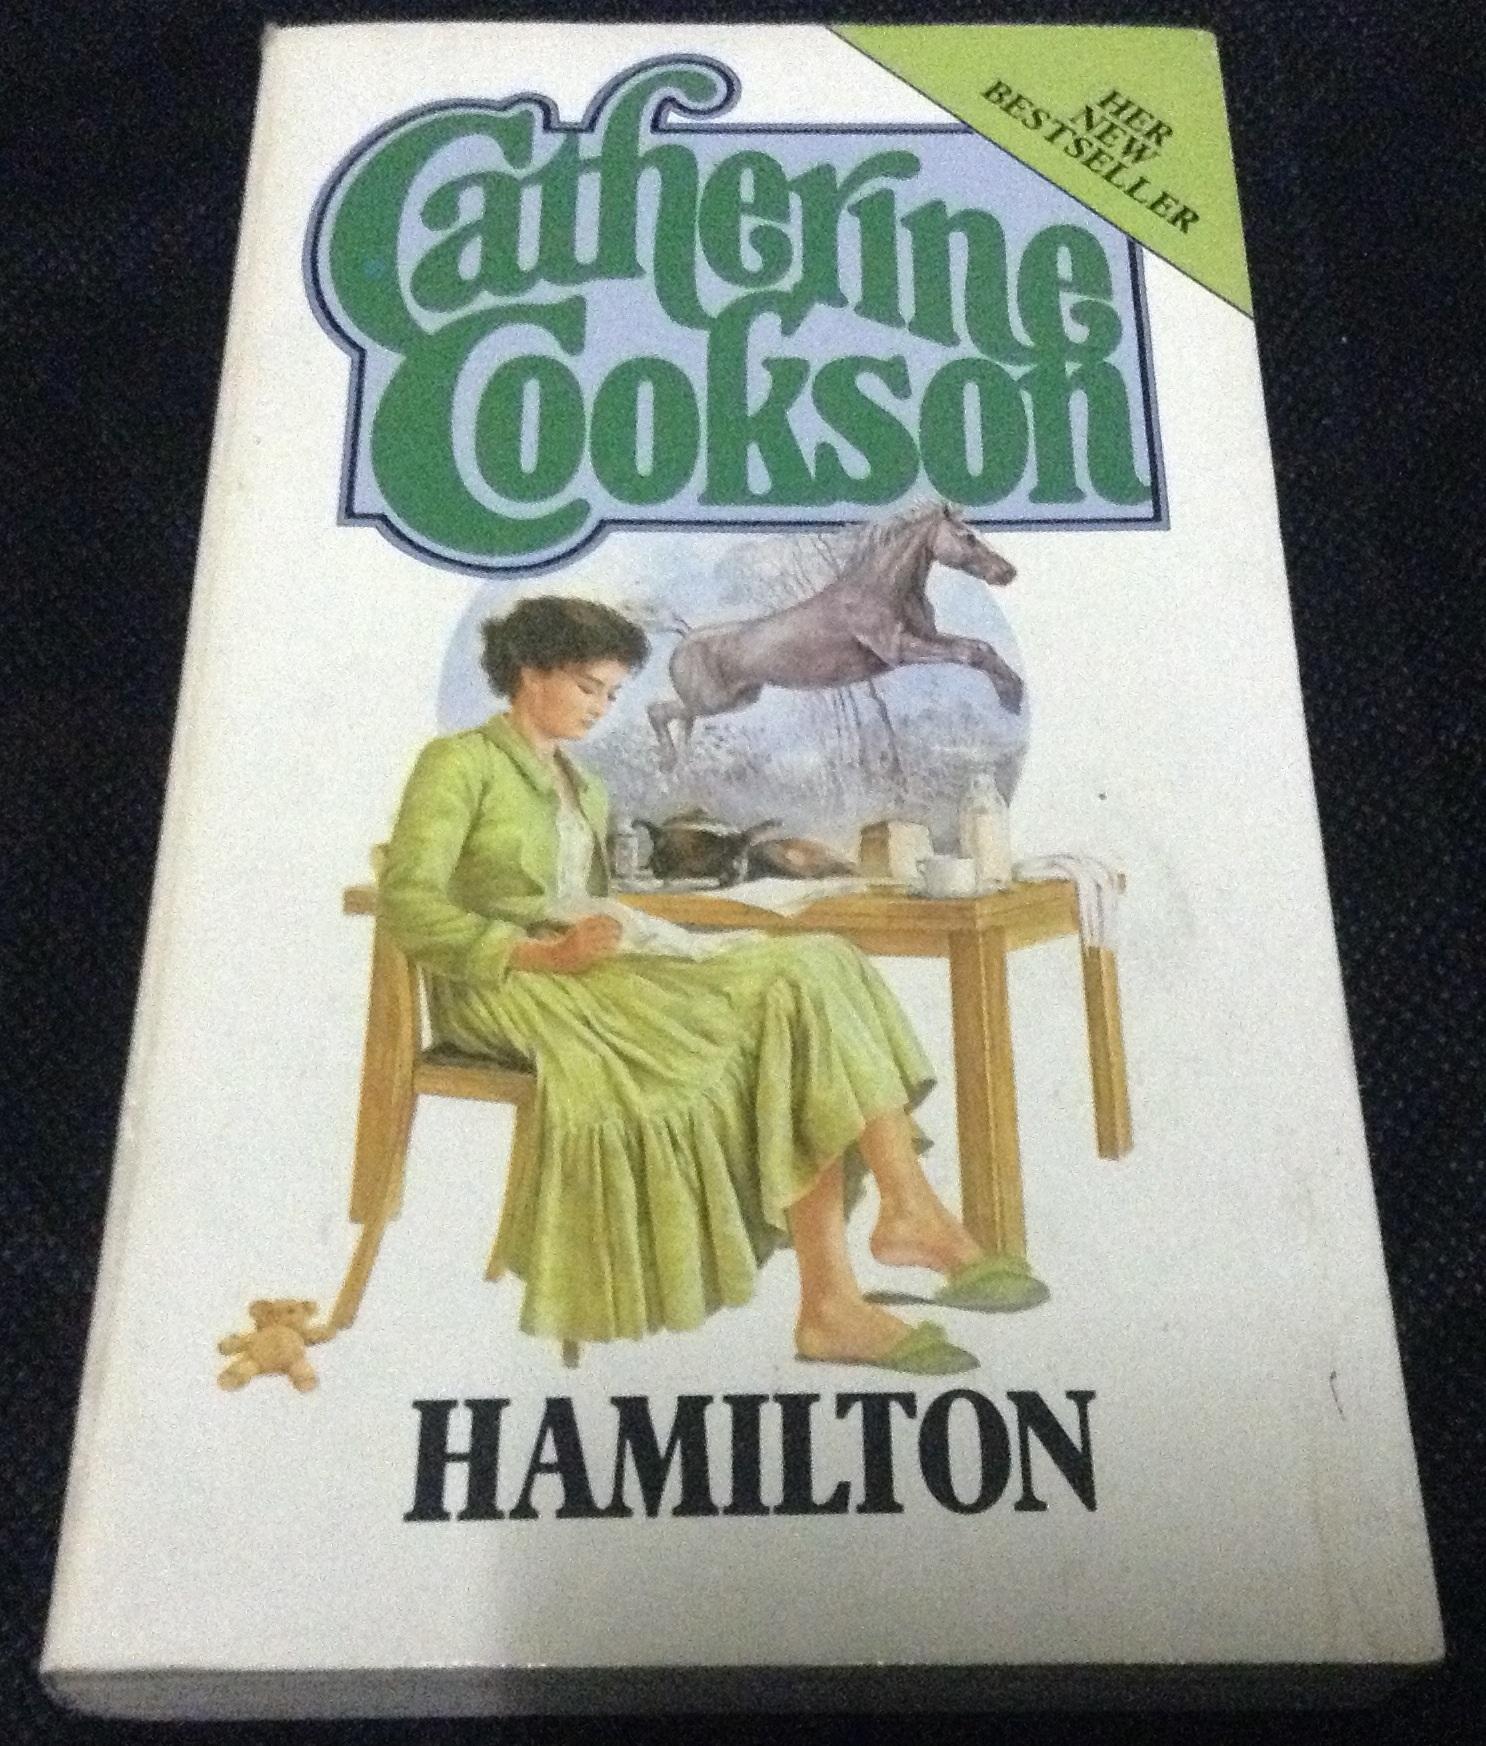 Hamilton Catherine Cookson ราคา 50